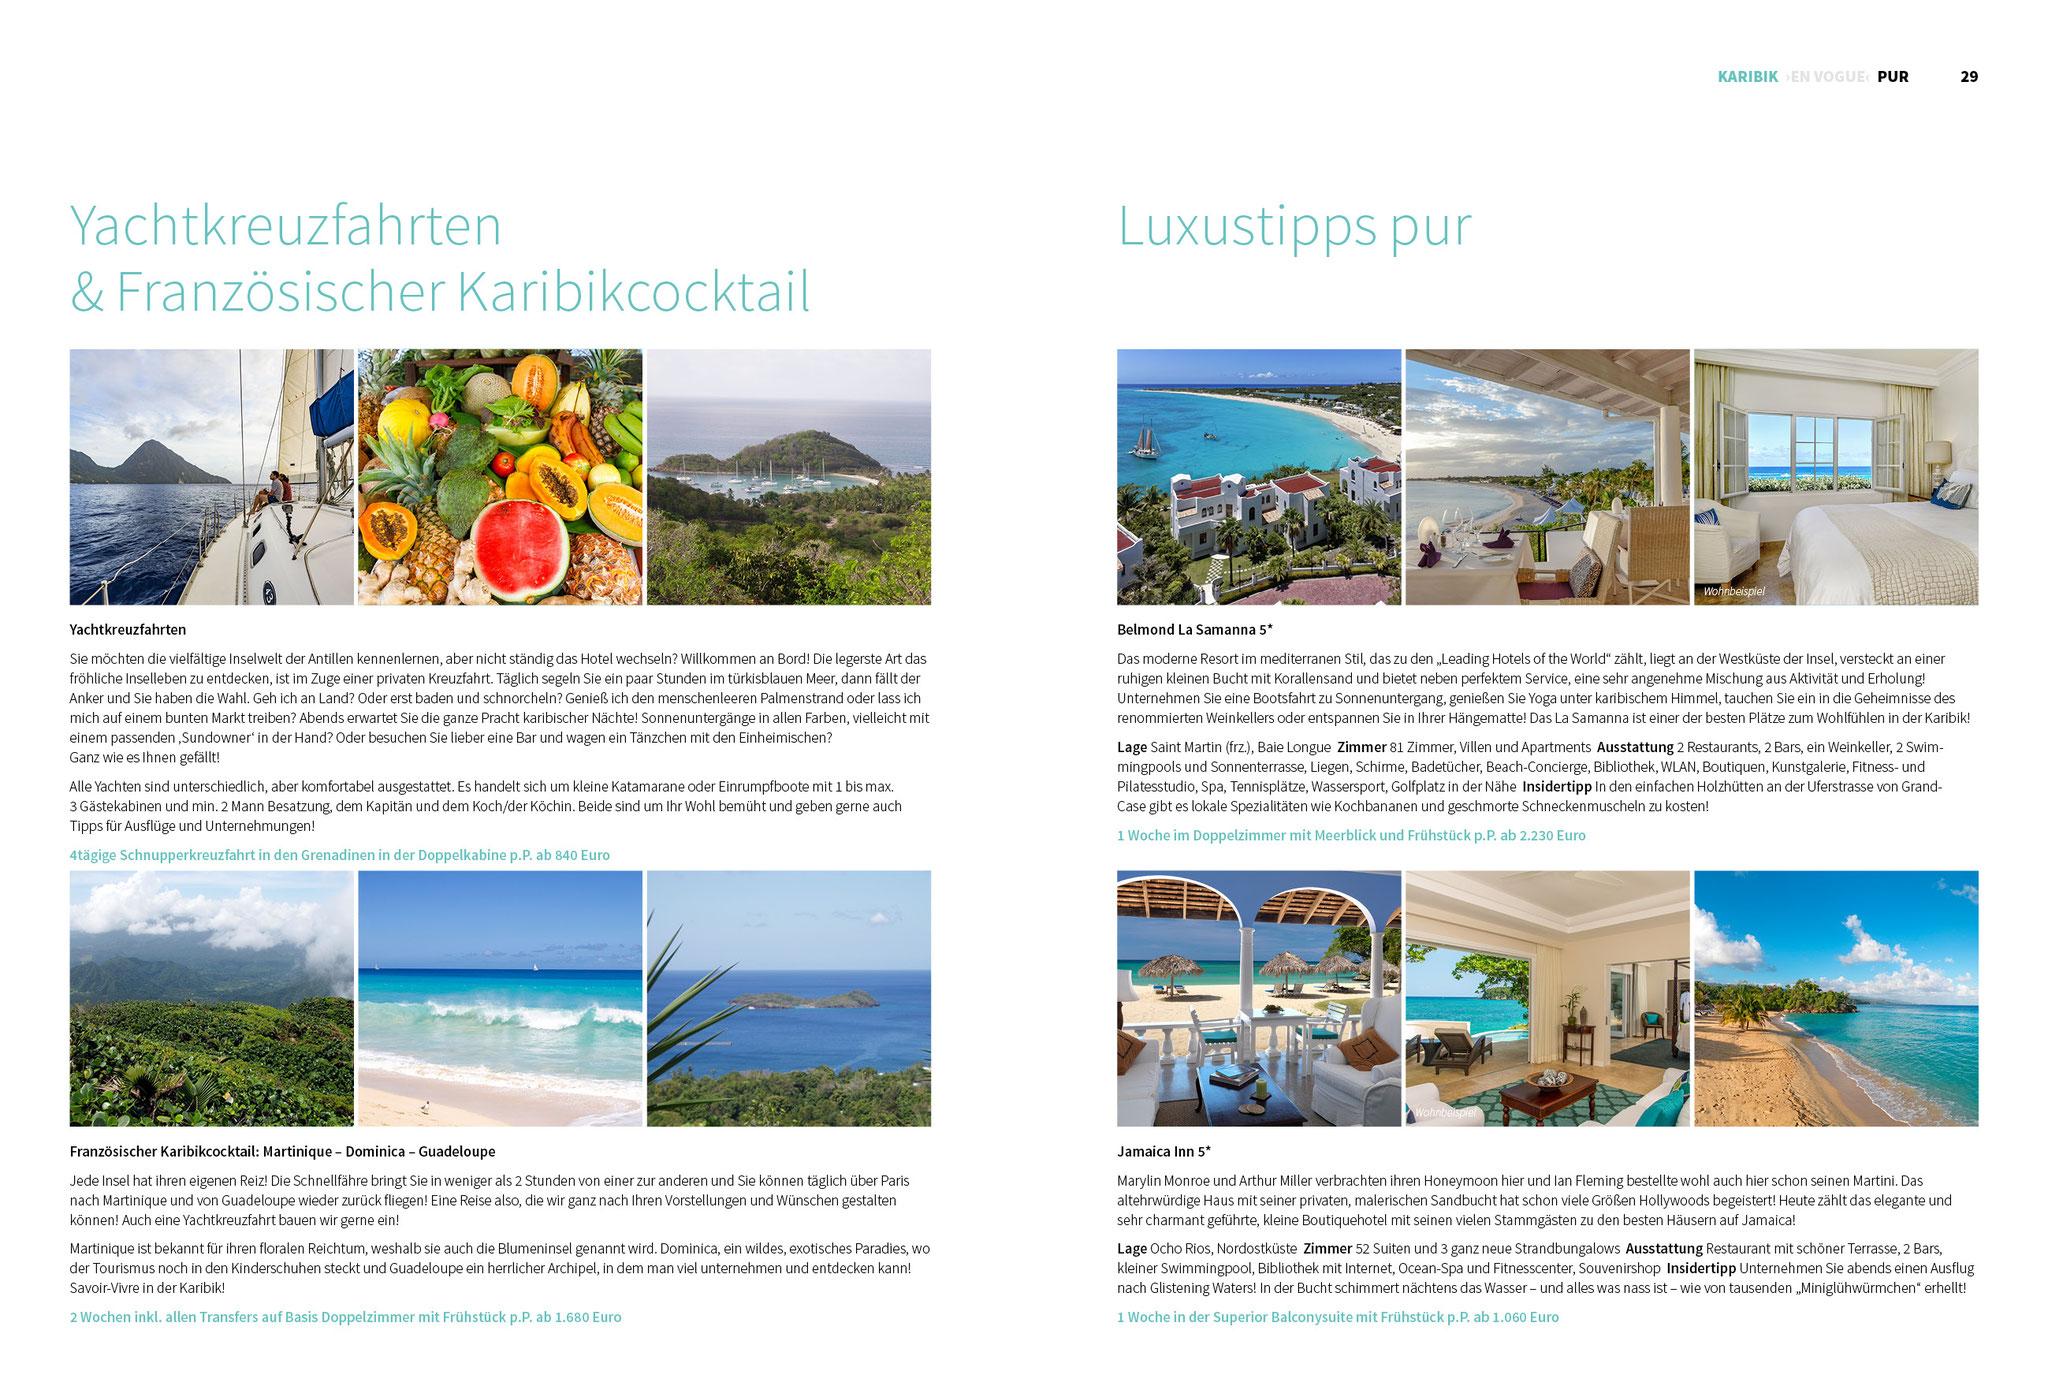 Luxusreisen - Pur Touristik